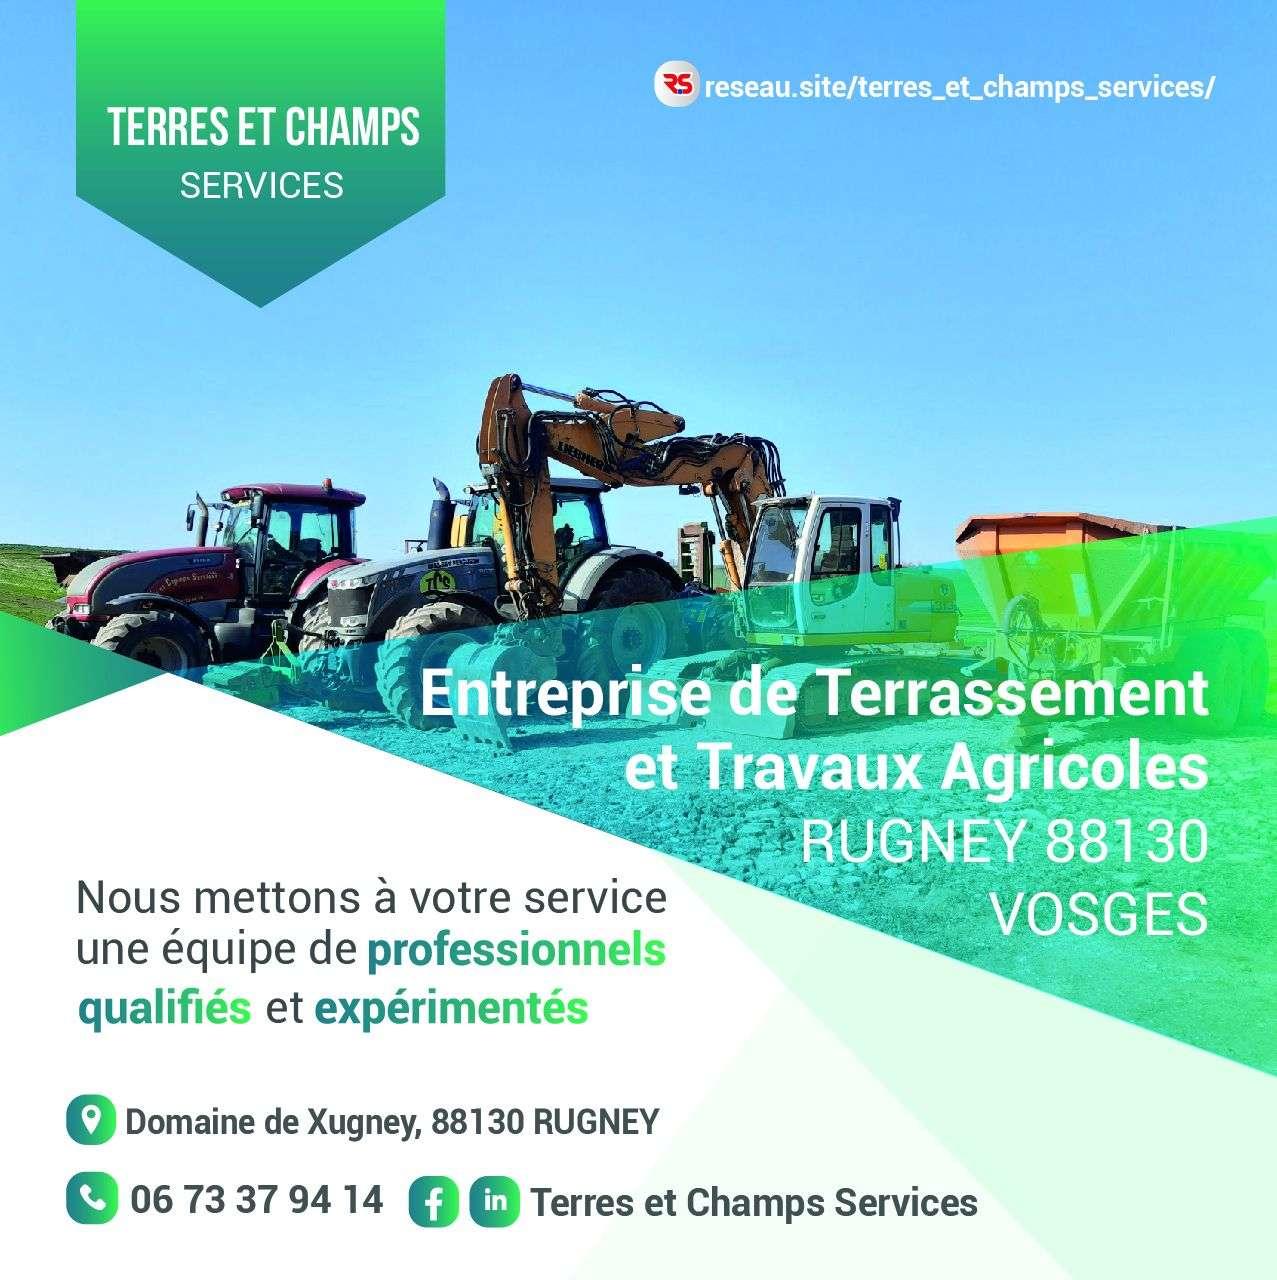 Entreprise de Terrassement et Travaux Agricoles